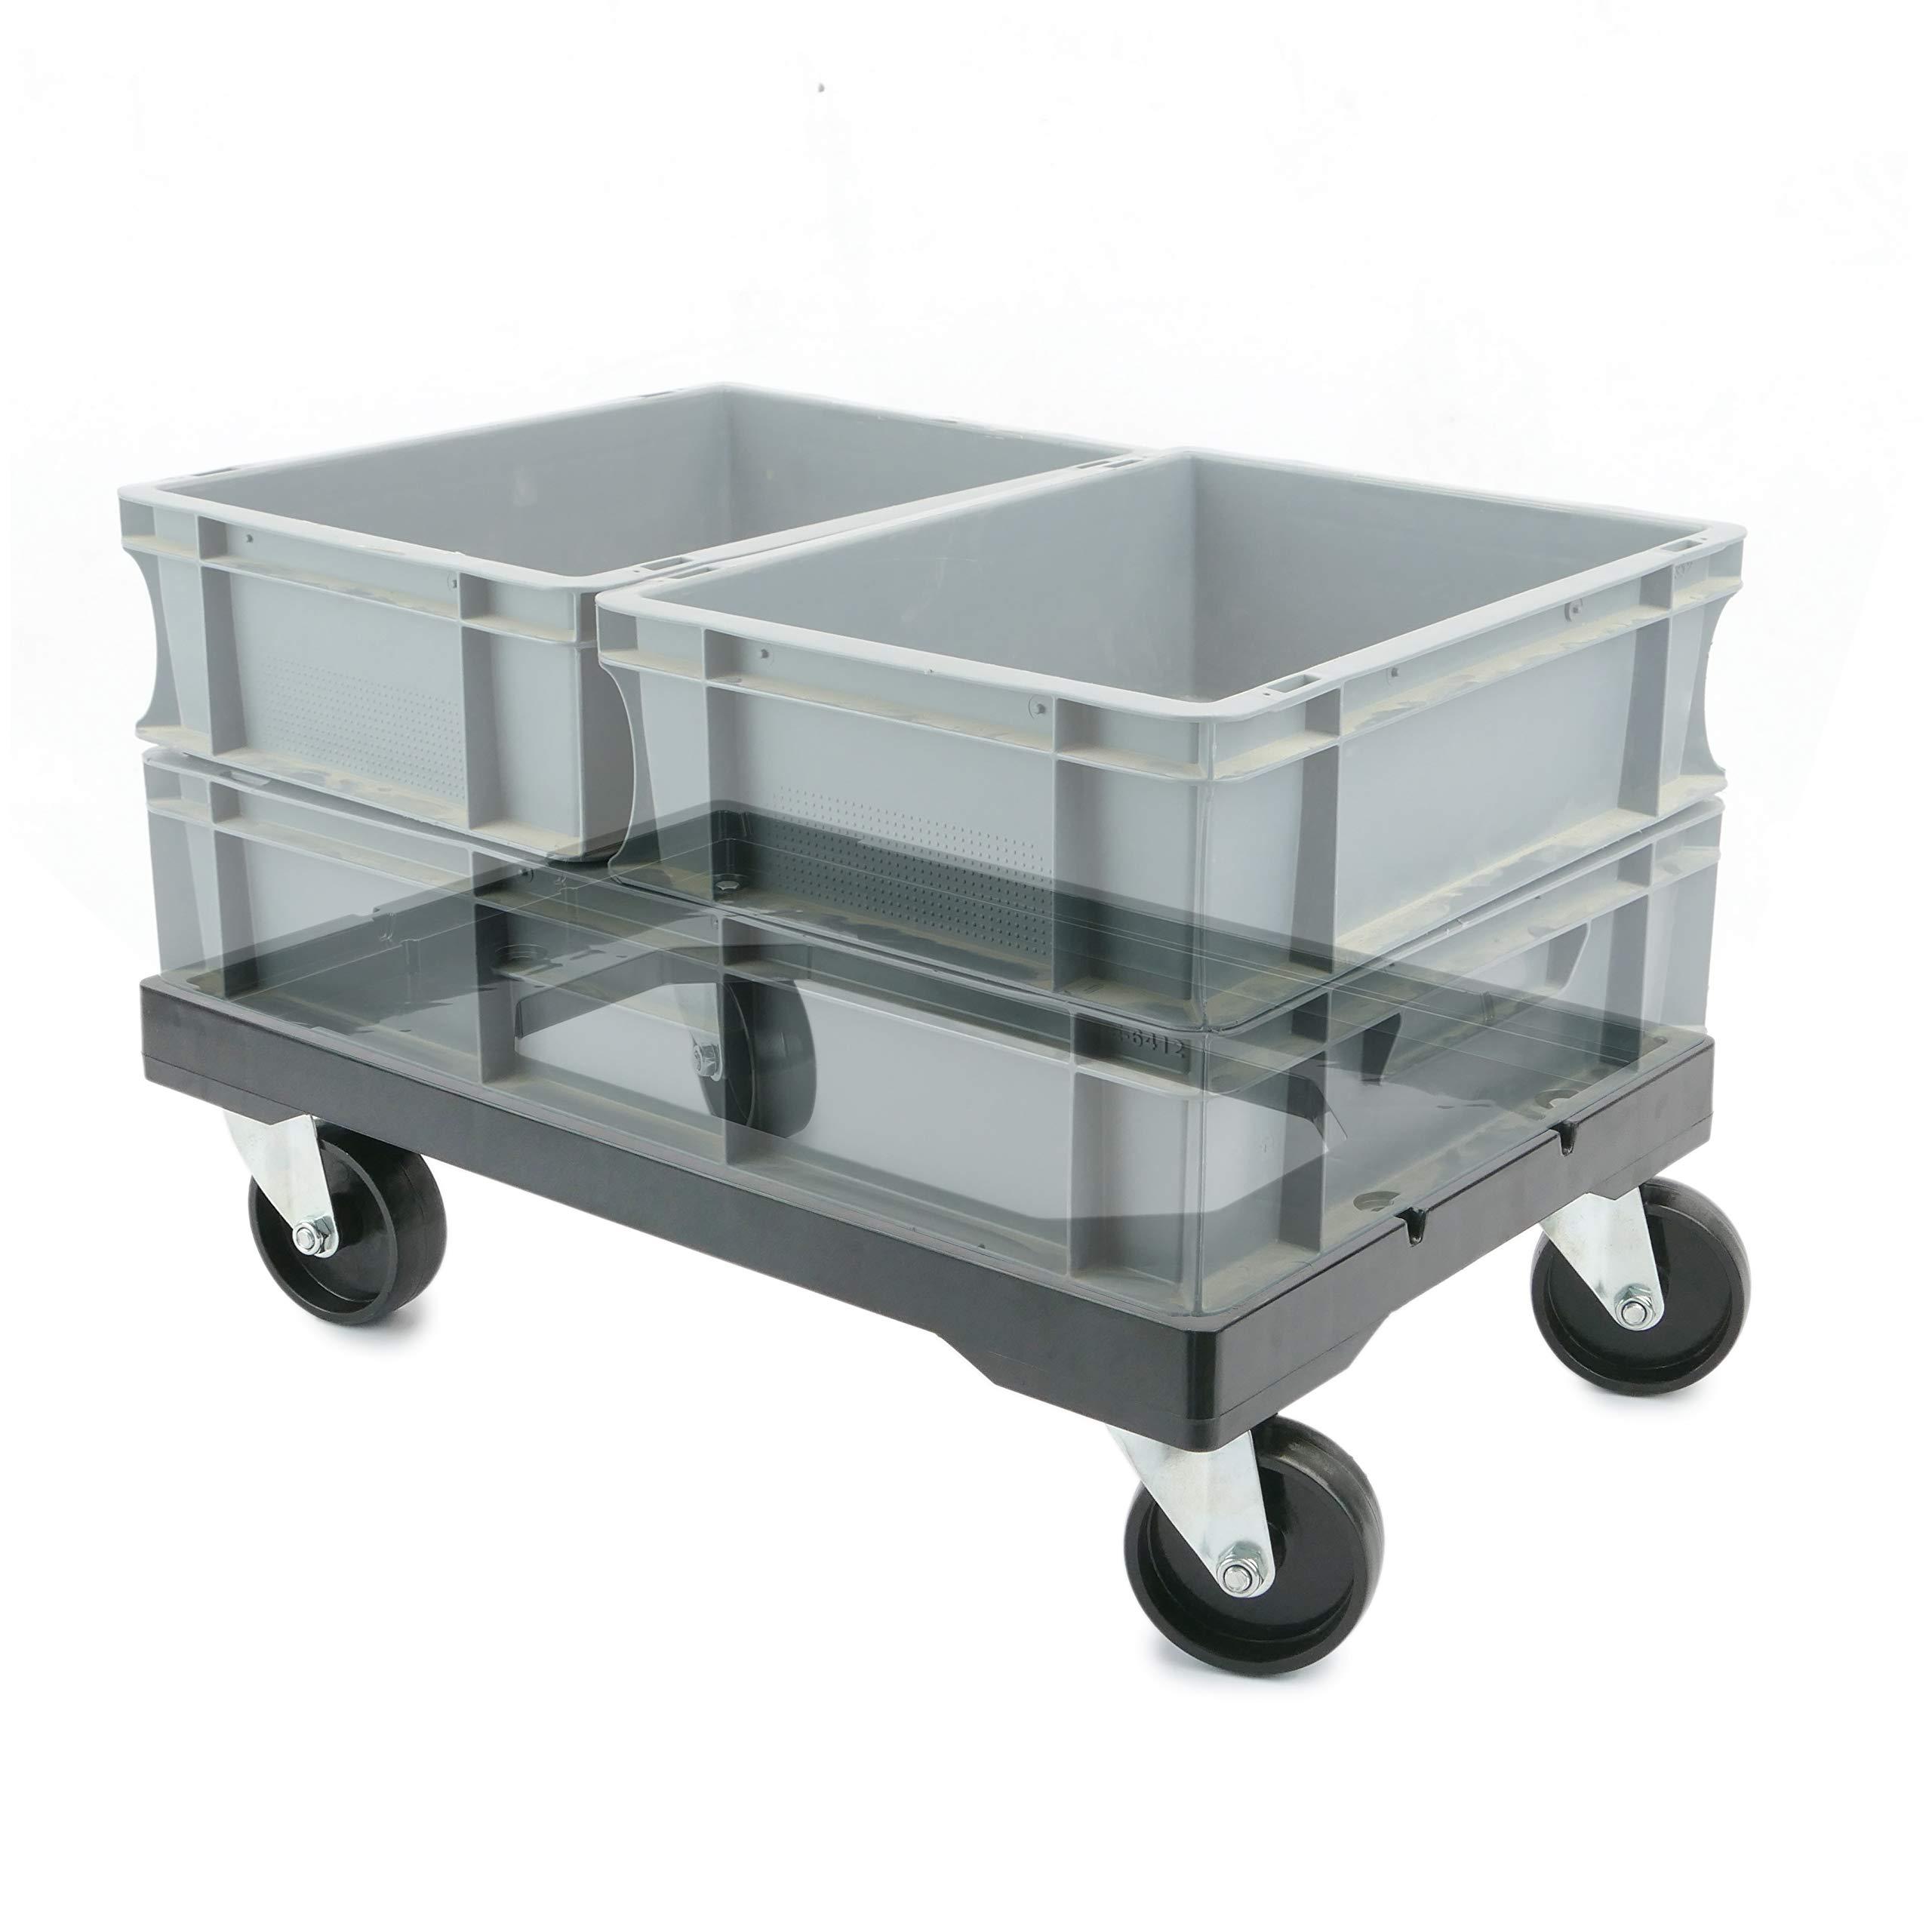 PrimeMatik - Platform with Wheels for Carrying Eurobox Boxes 60 x 40 cm (KA081) by PrimeMatik (Image #3)